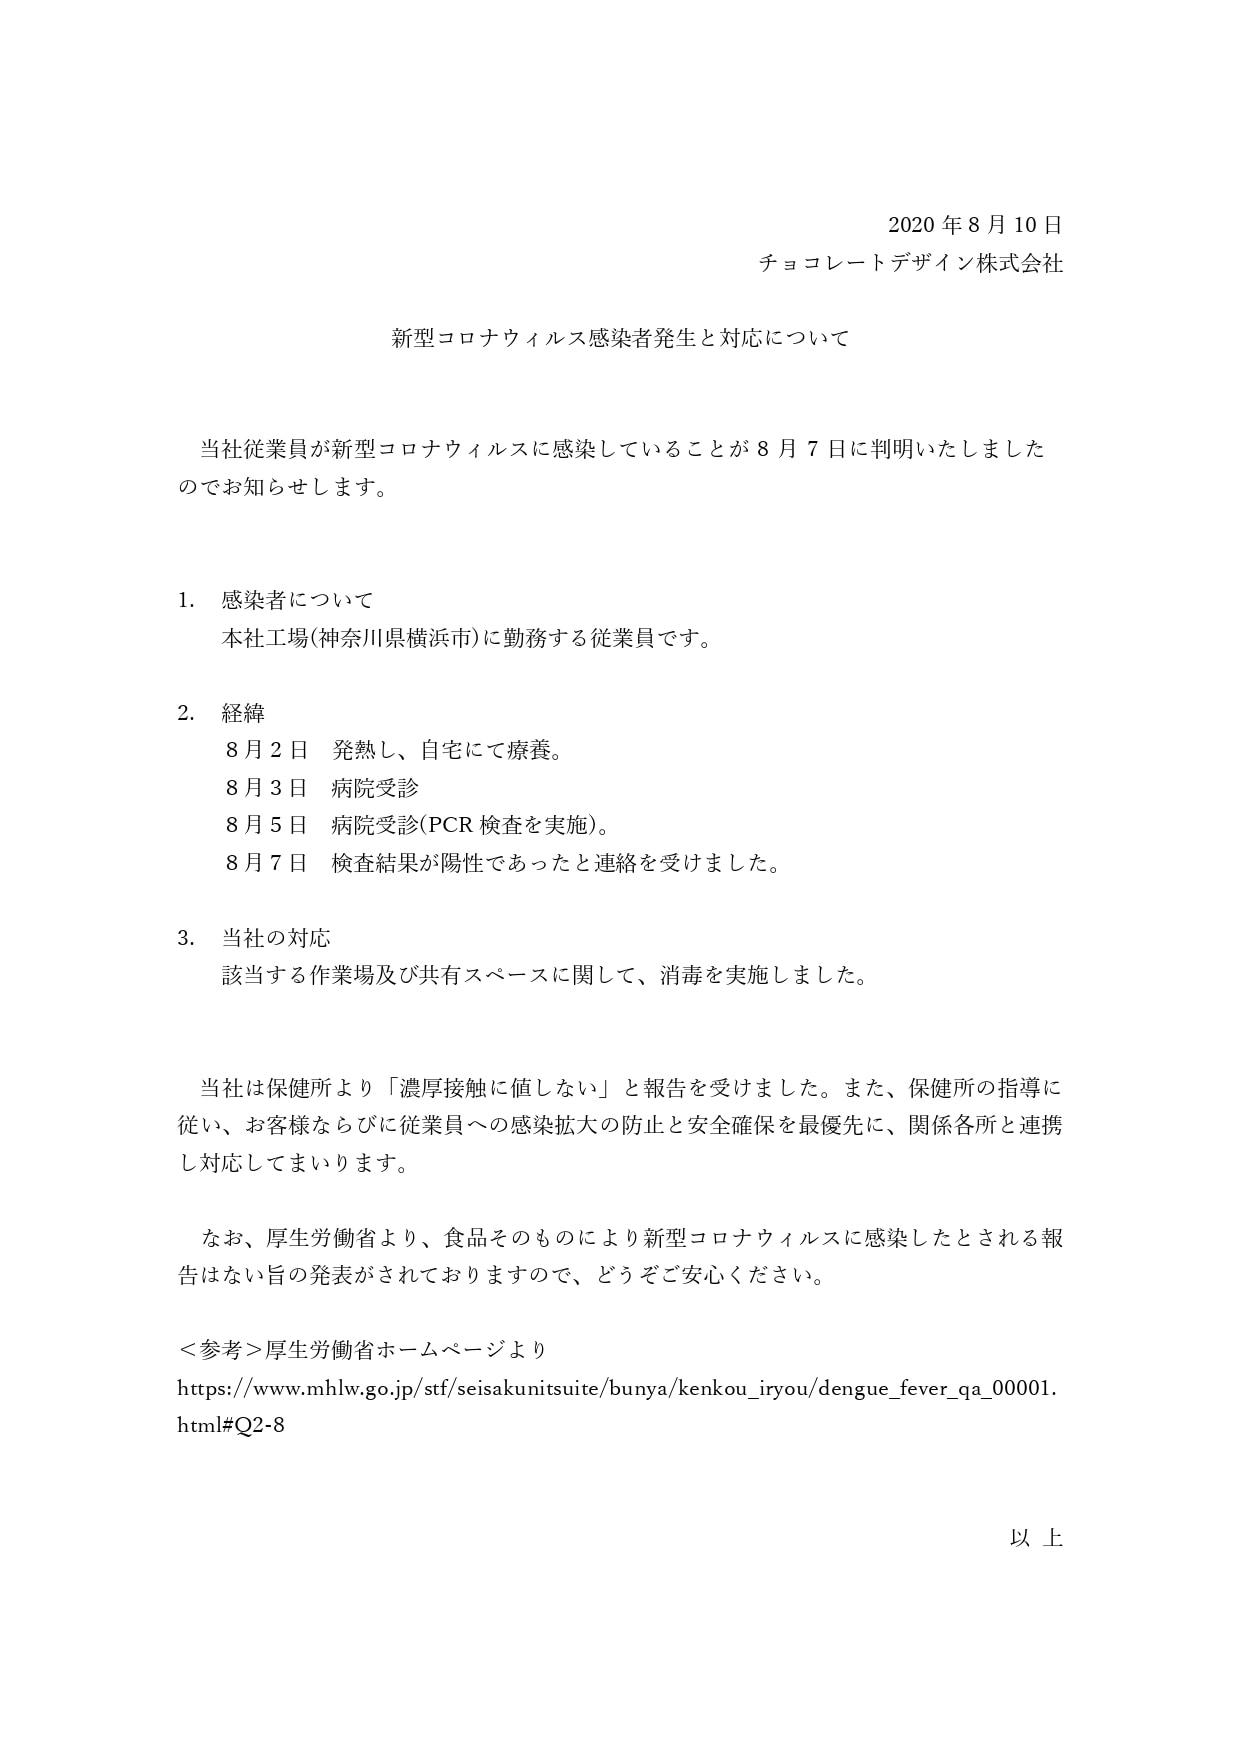 会社 対応 コロナ 新型コロナウイルスに対する各航空会社の対応まとめ28社分(2020年3月17日現在)